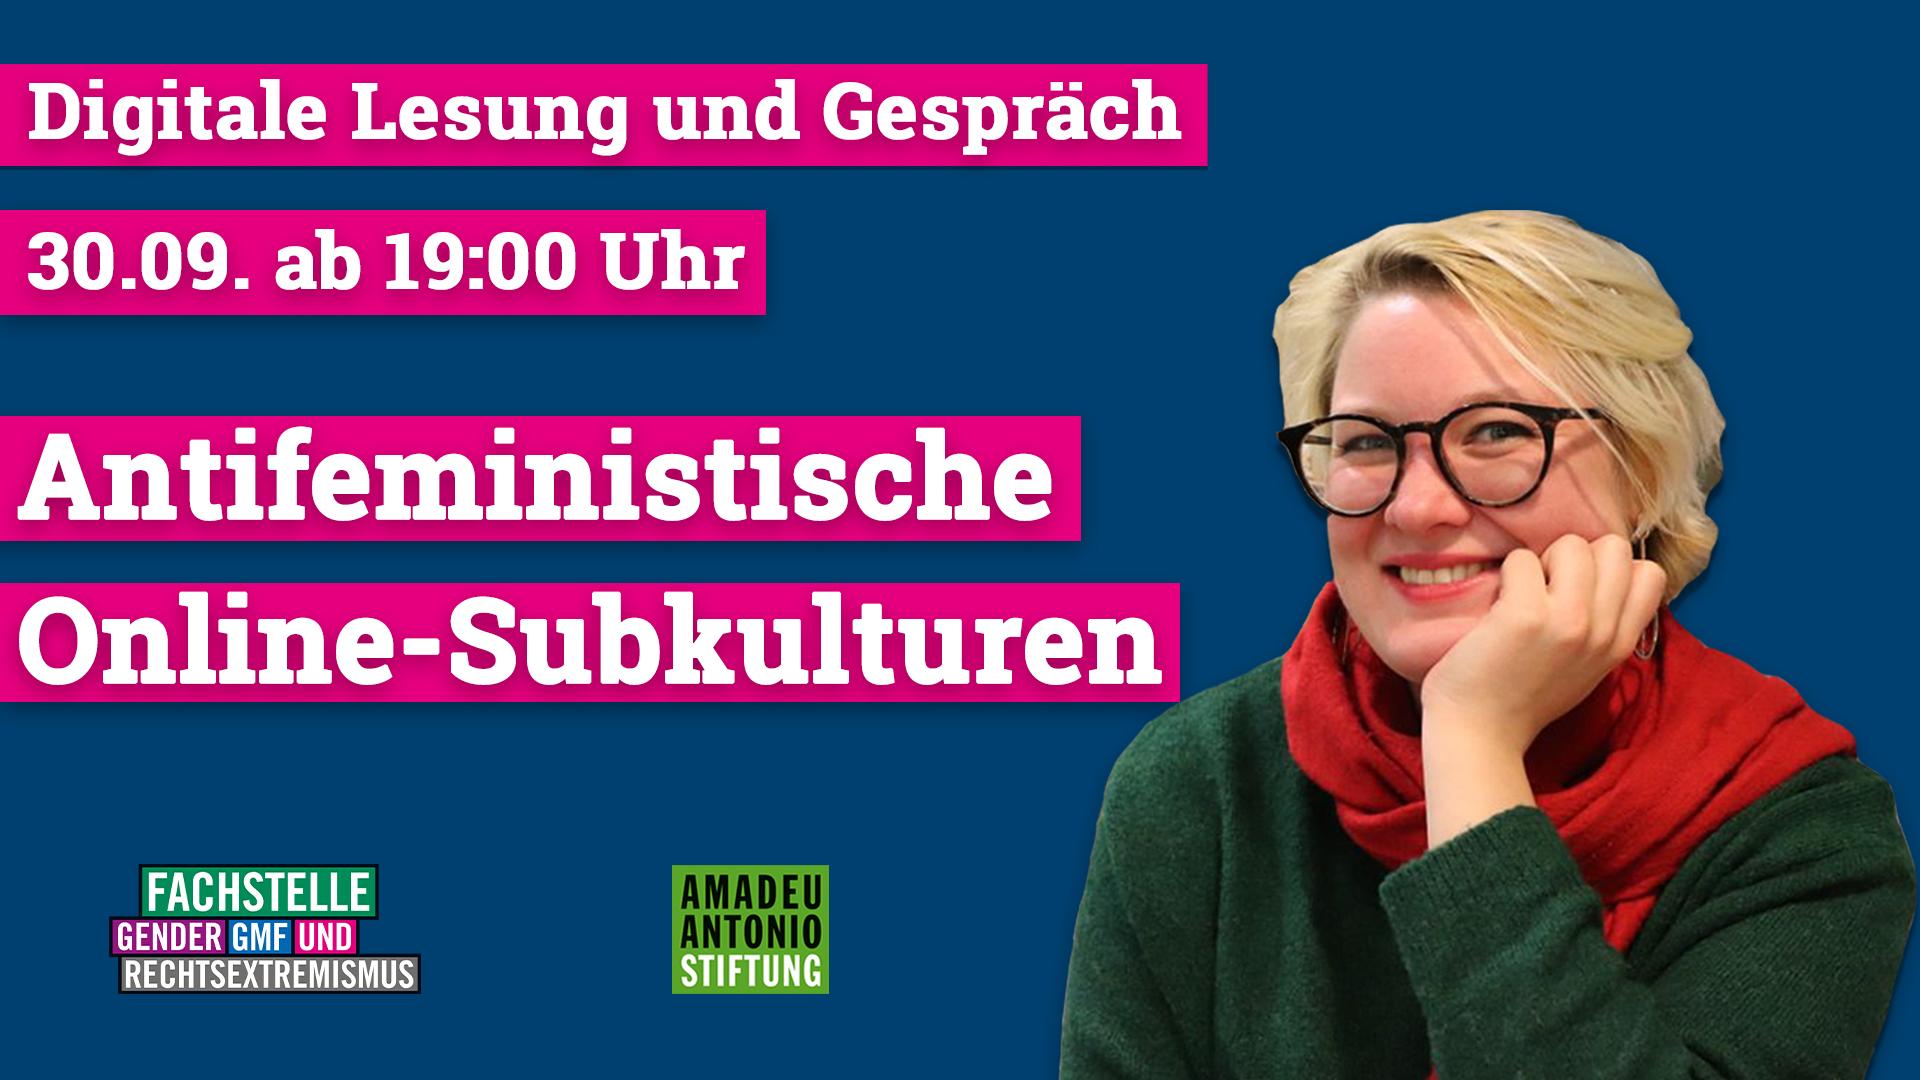 FB-Event-Header-einzelne Veranstaltungen-Veronika Kracher